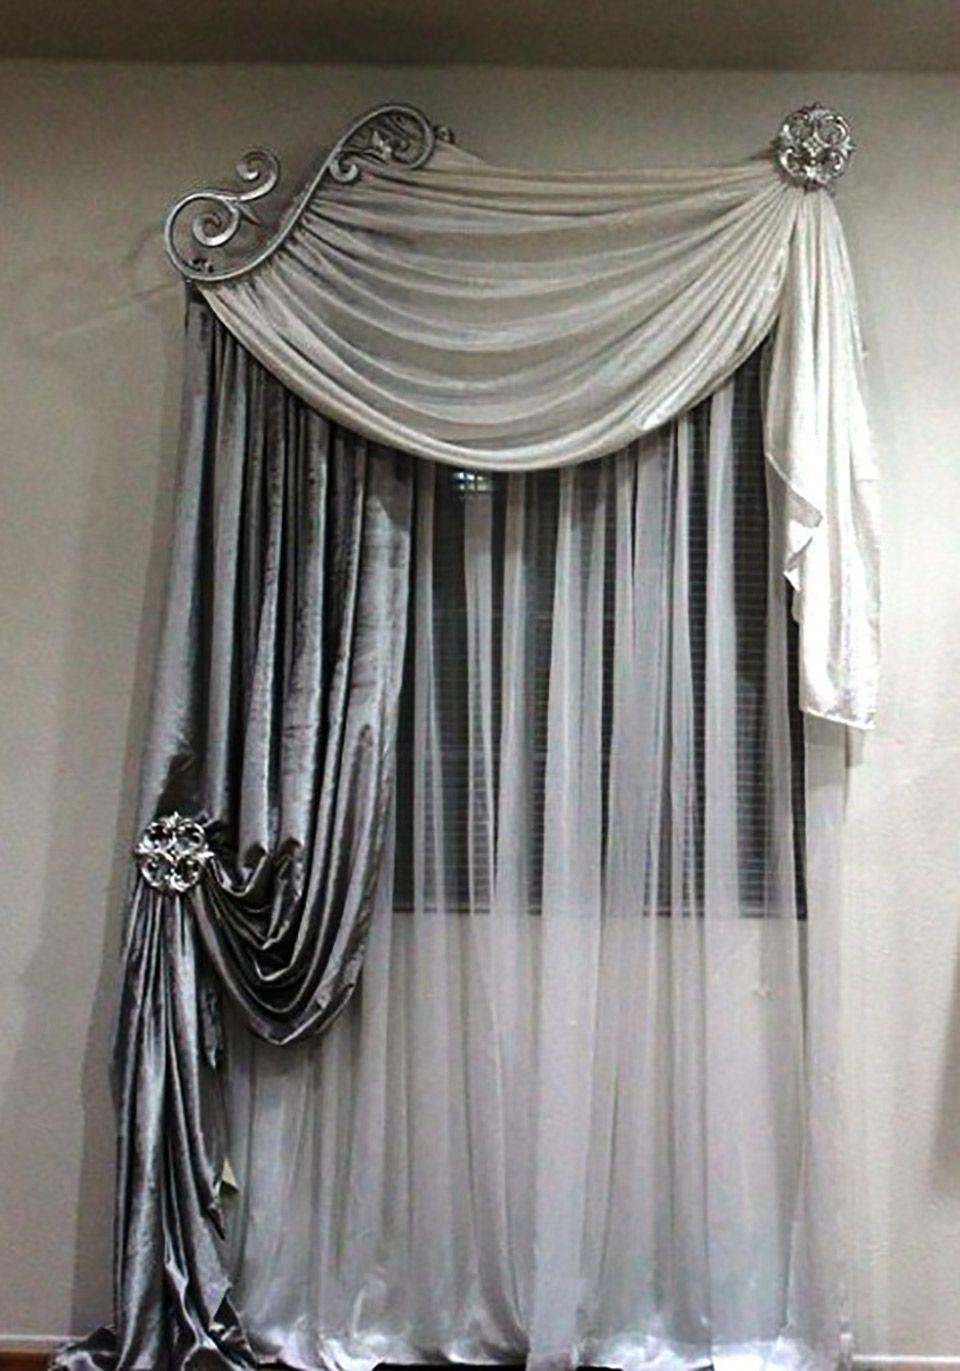 Exquisite Design Ideas Curtains Curtain Designs Drapes Curtains